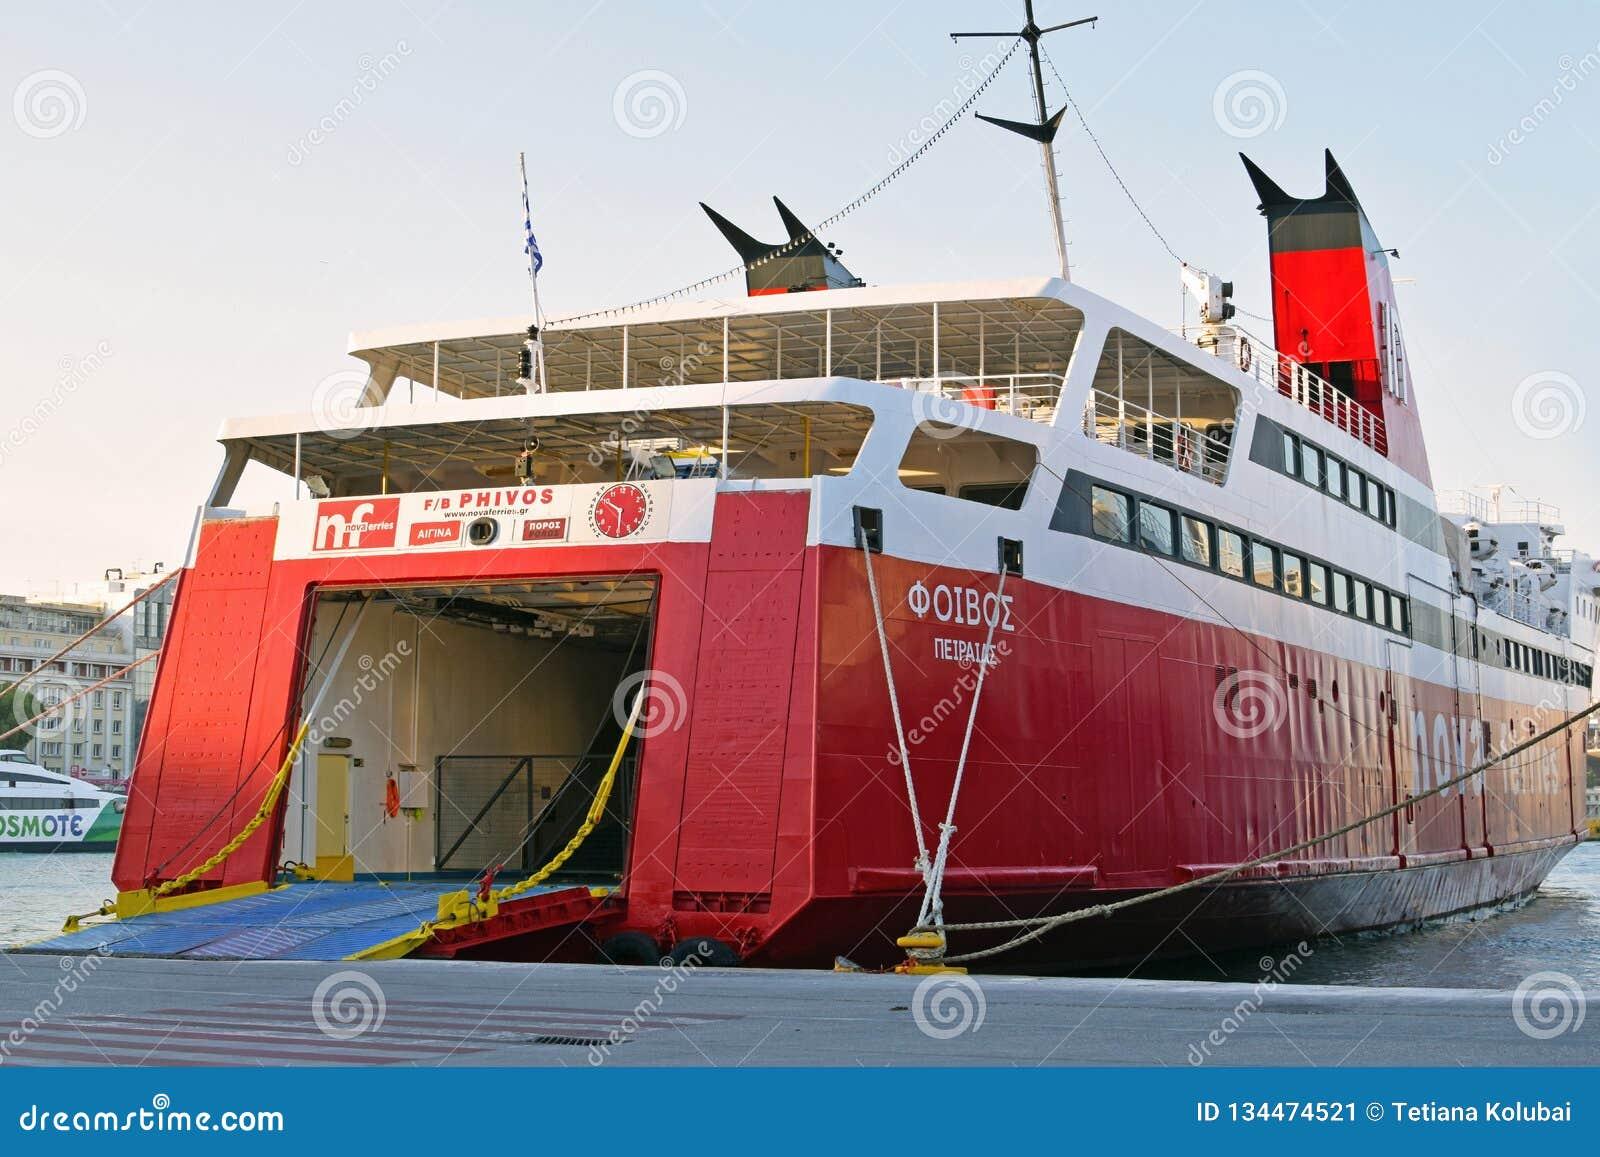 Ankomst från aktern av skeppet till transportskytteln för bilar och folk